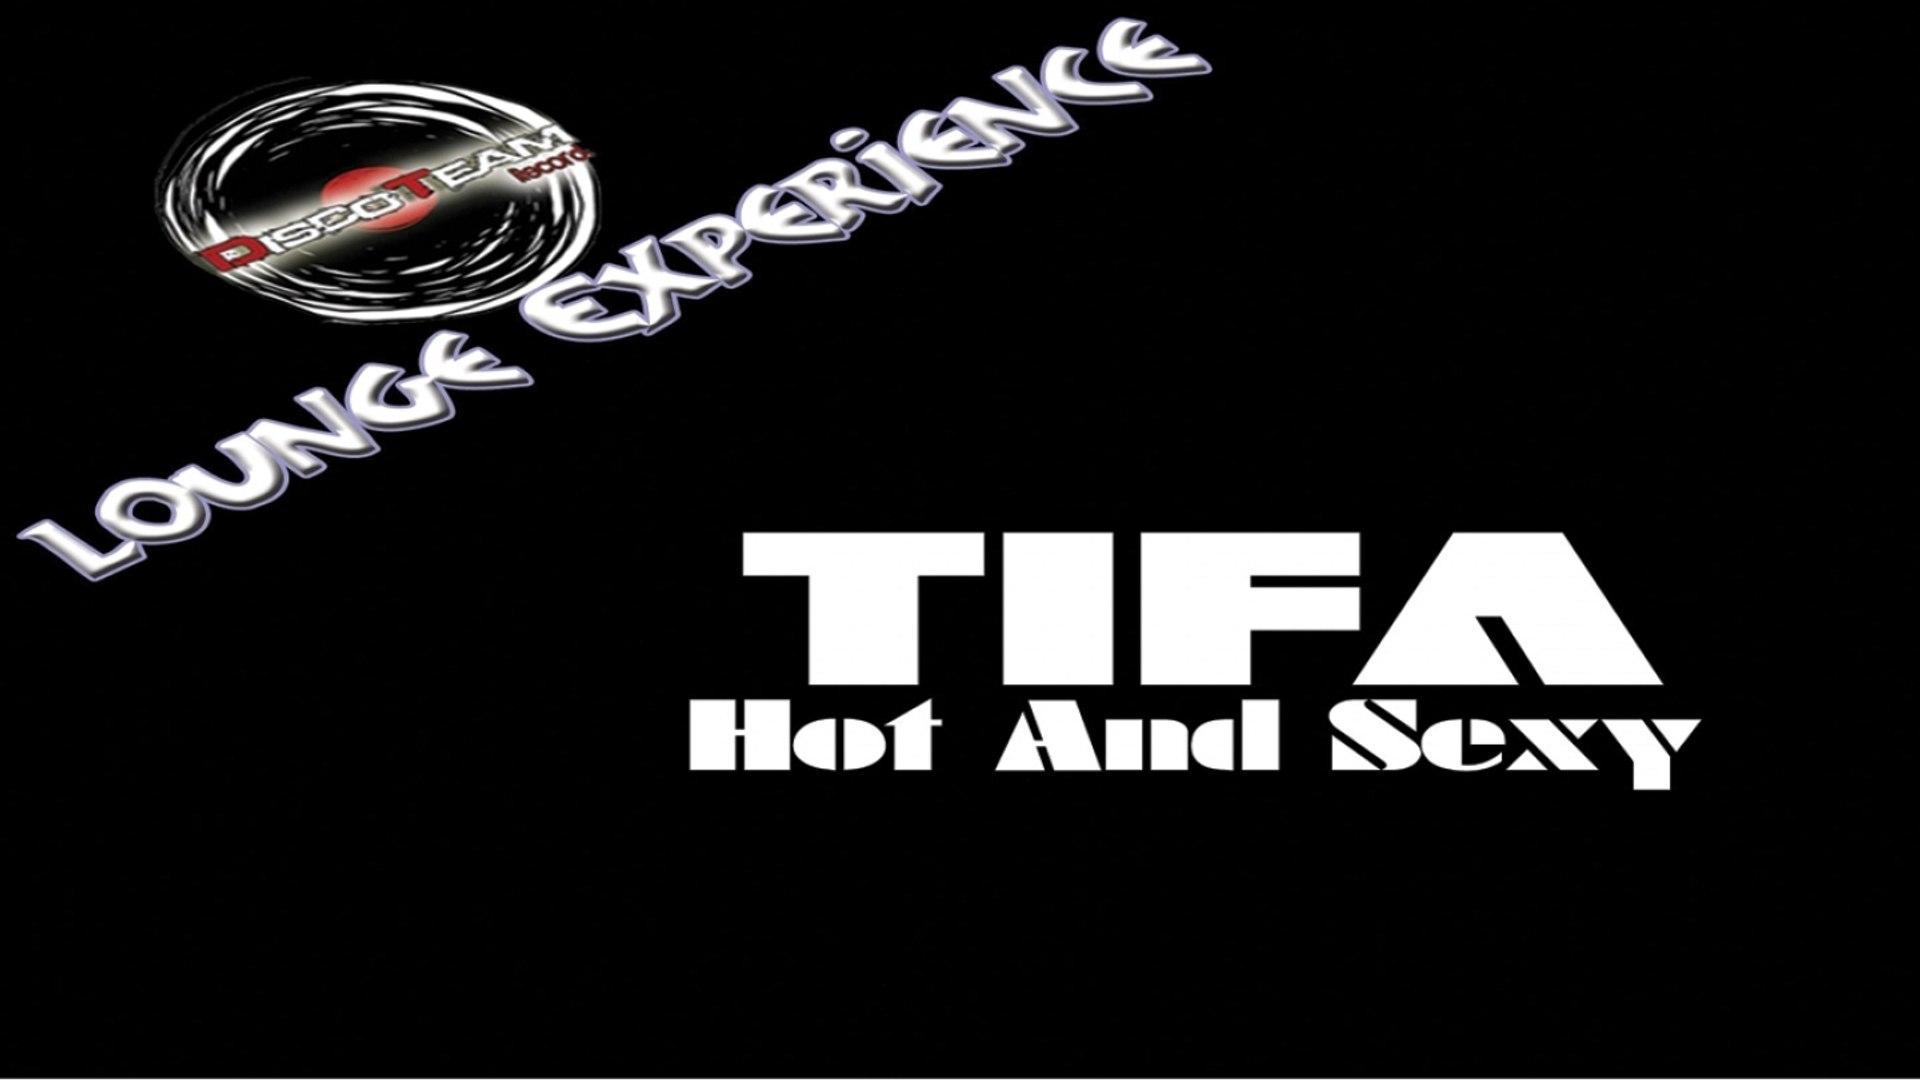 TIFA - HOT AND SEXY (Full album)